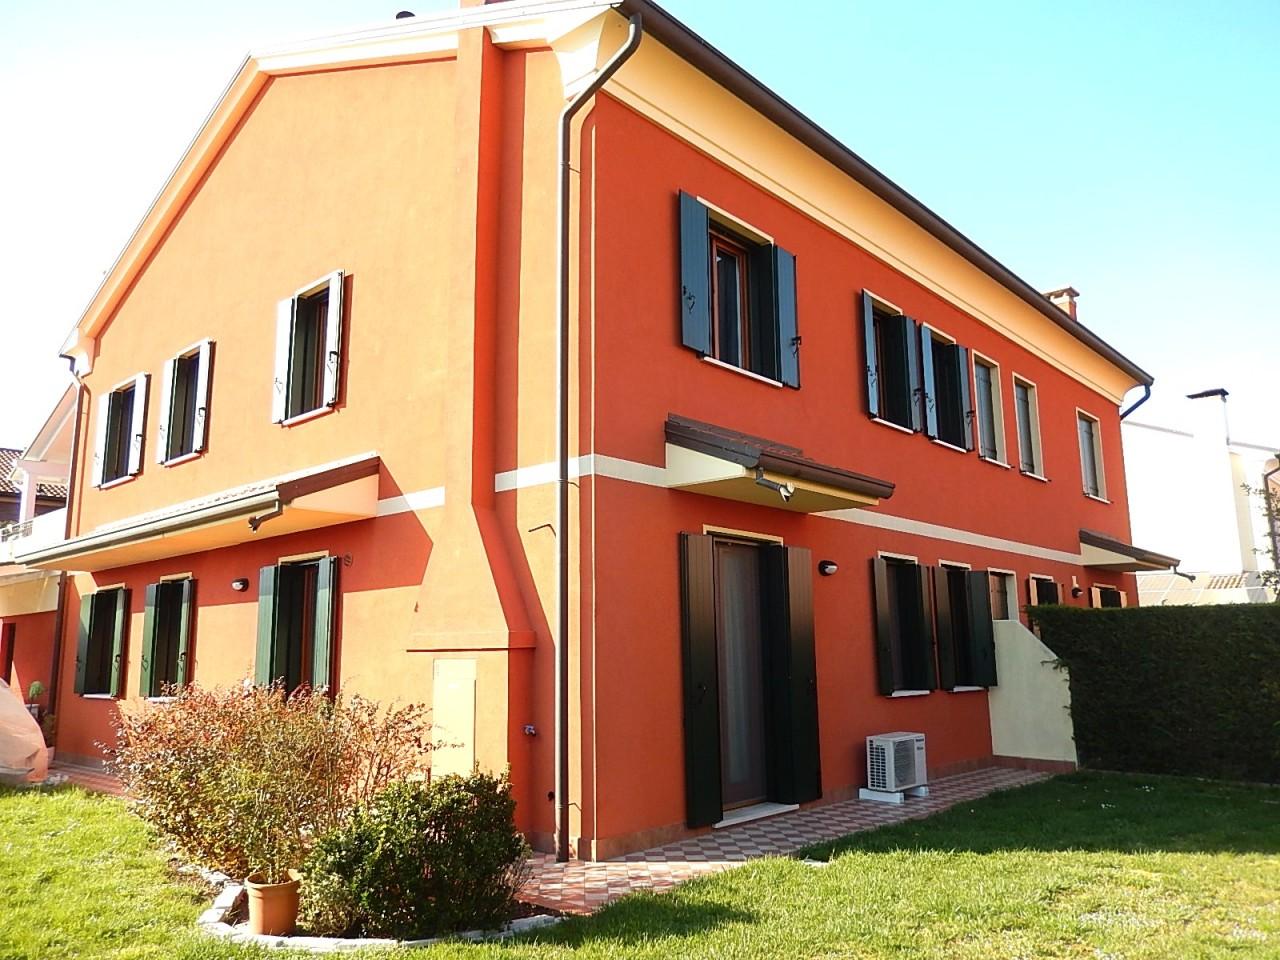 Appartamento con ingresso indipendente e giardino di proprietà